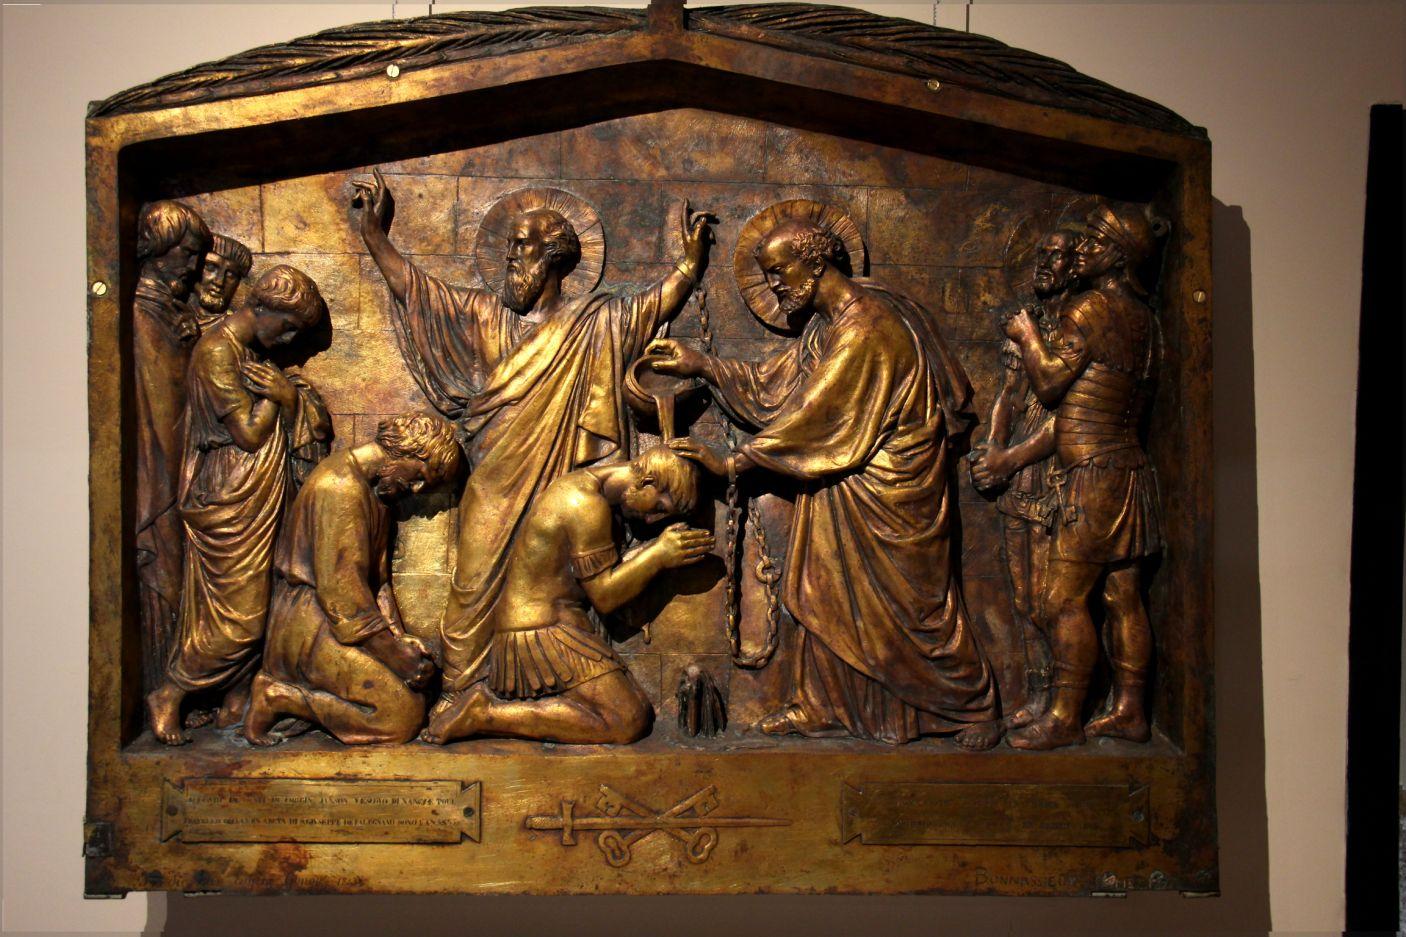 Bí mật ngục tối giam cầm các thánh Phêrô và Phaolô - Ảnh minh hoạ 2